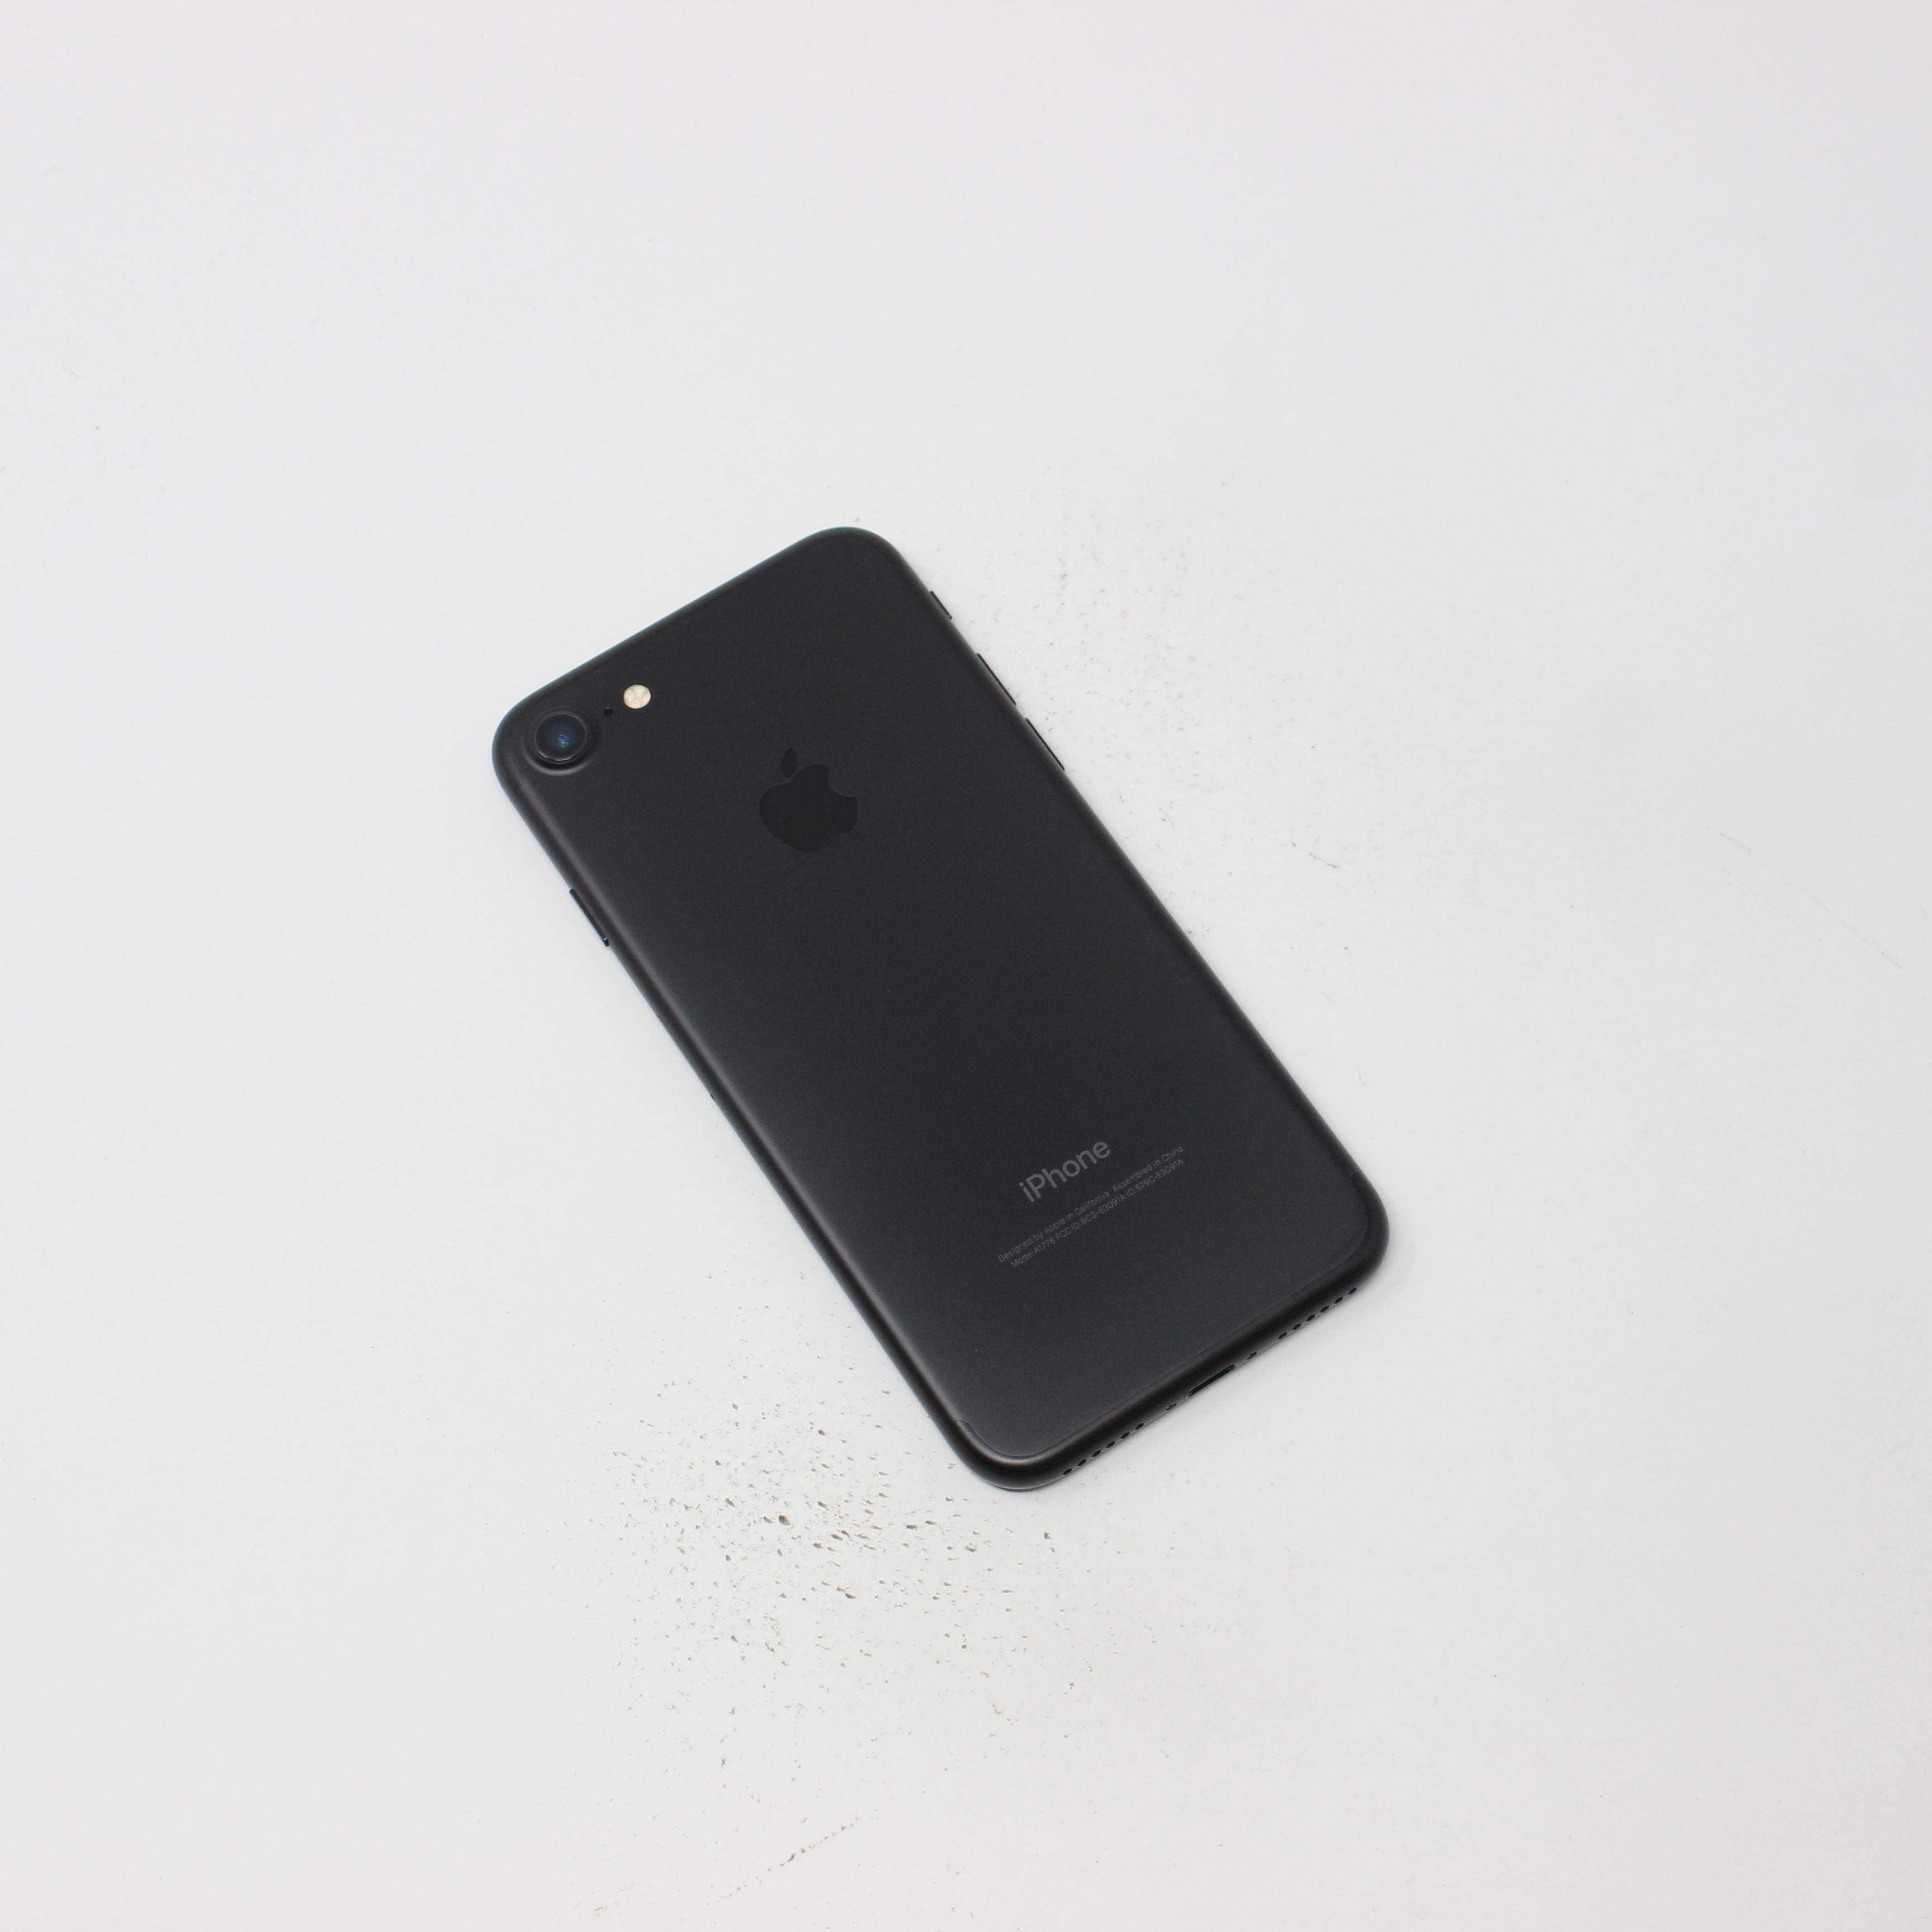 iPhone 7 32GB Black - T-Mobile photo 3   UpTradeit.com